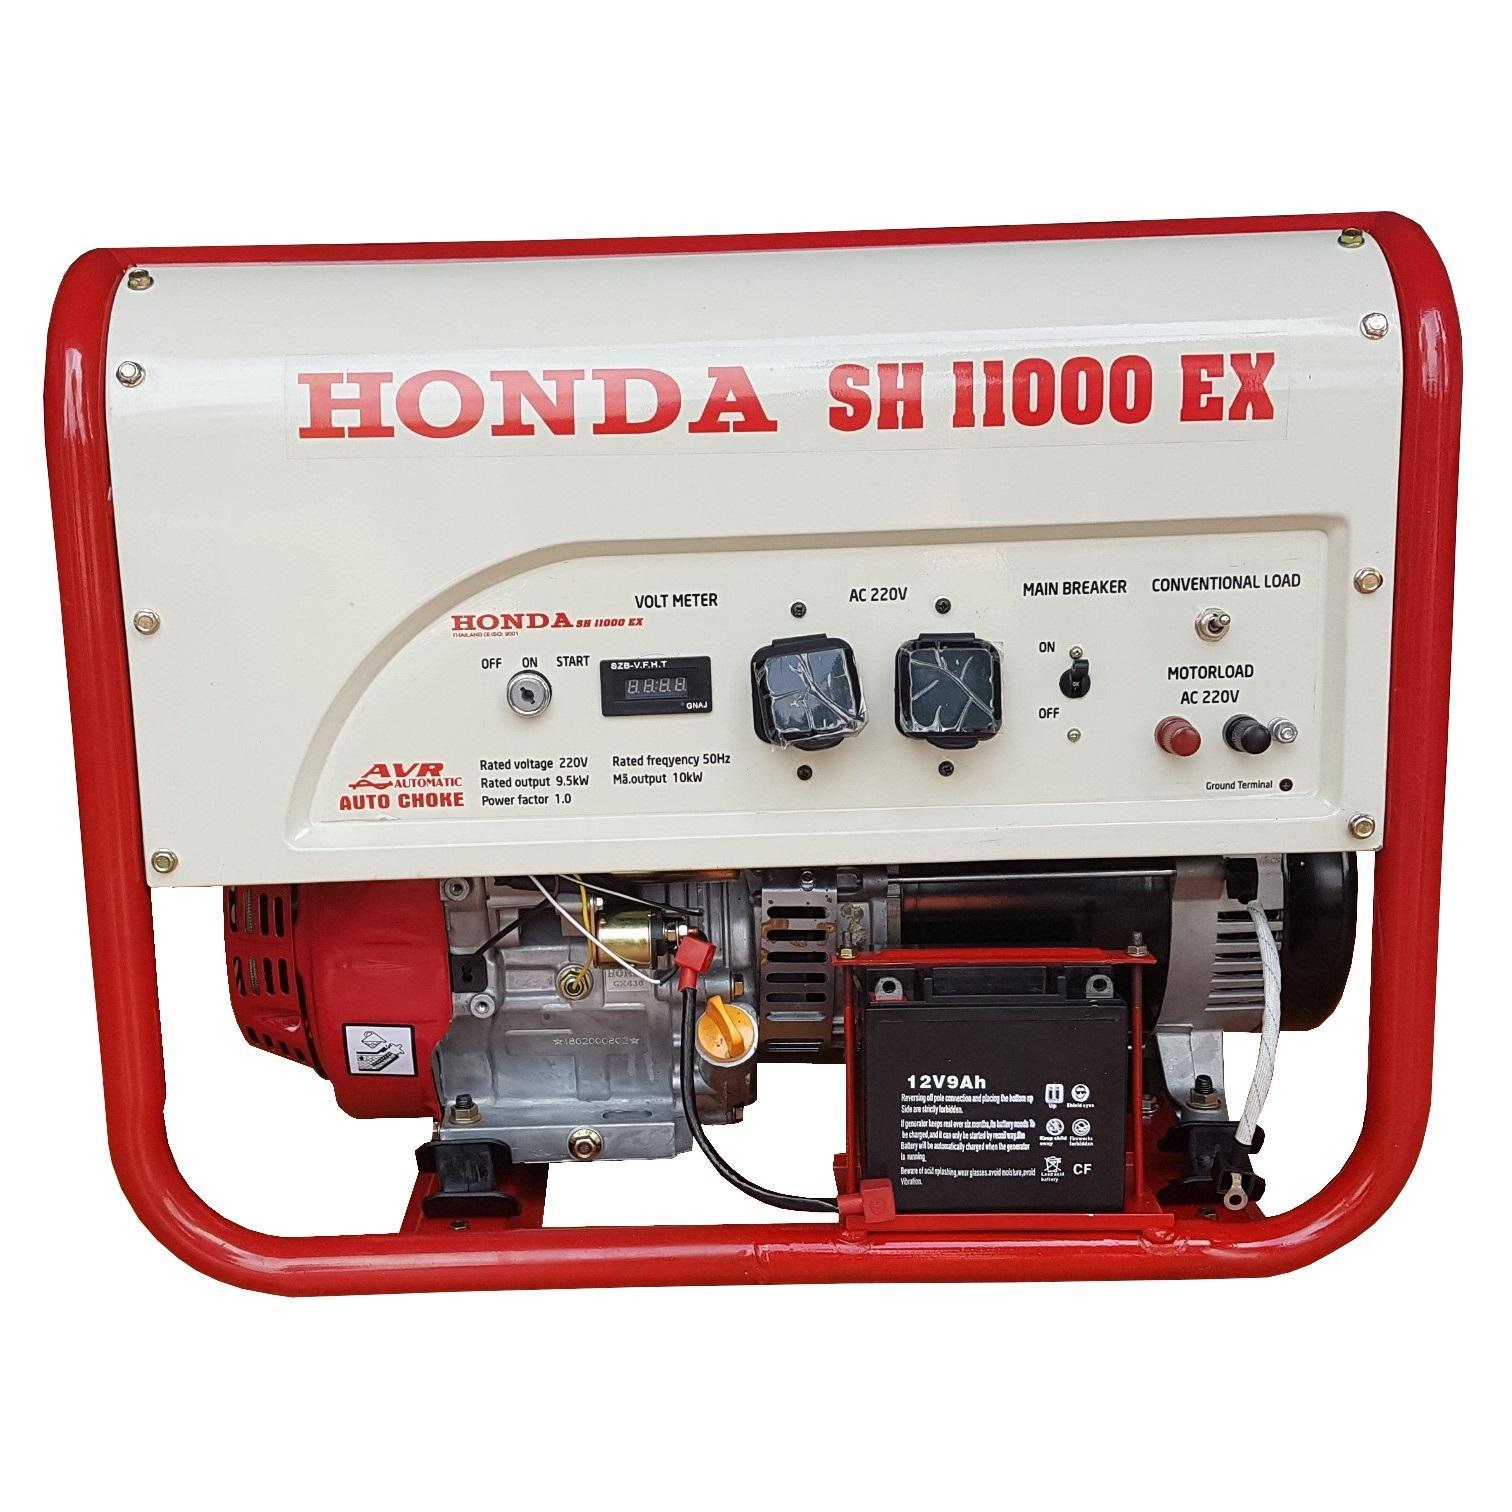 Máy Phát Điện Honda 10kw SH11000 Chạy Xăng & Đề Nổ